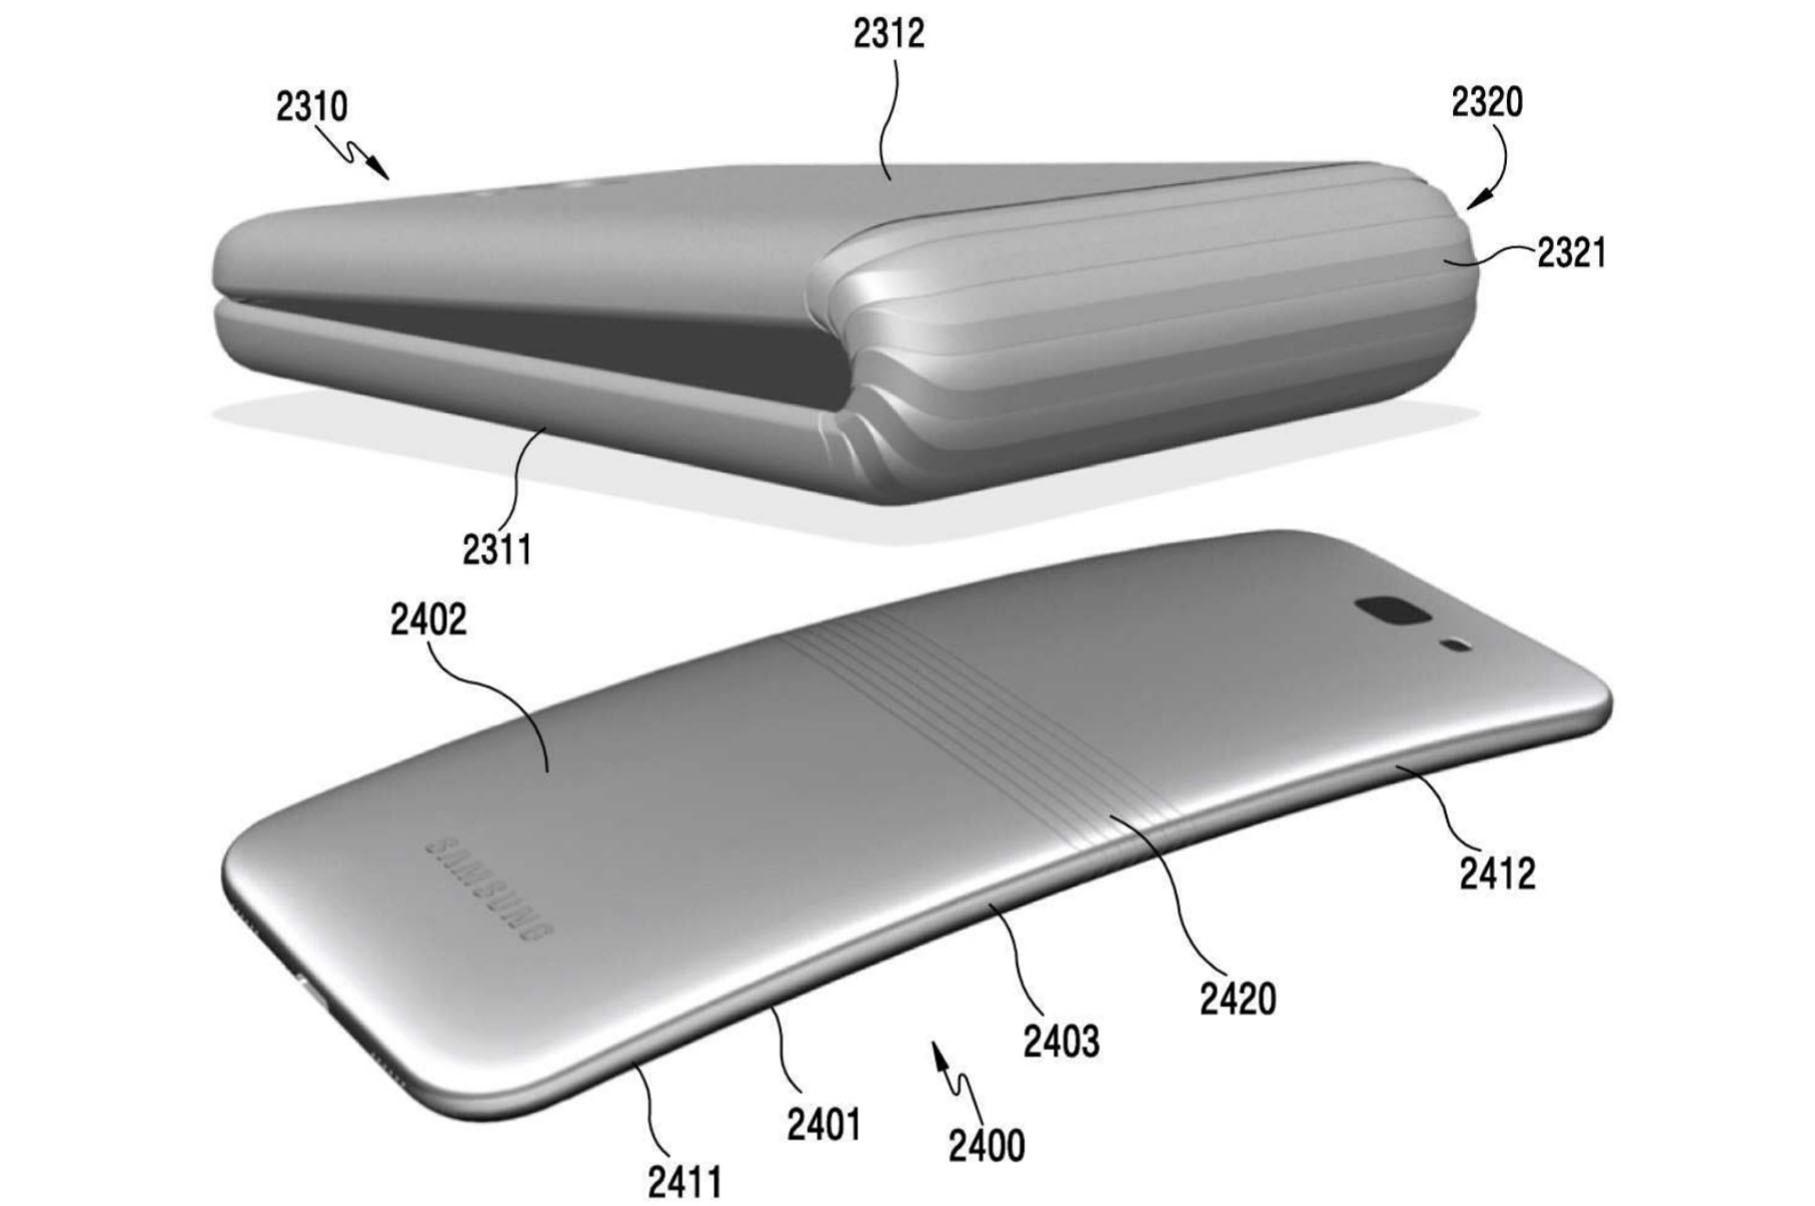 Компания Apple получила патент на 2-ой складывающийся смартфон